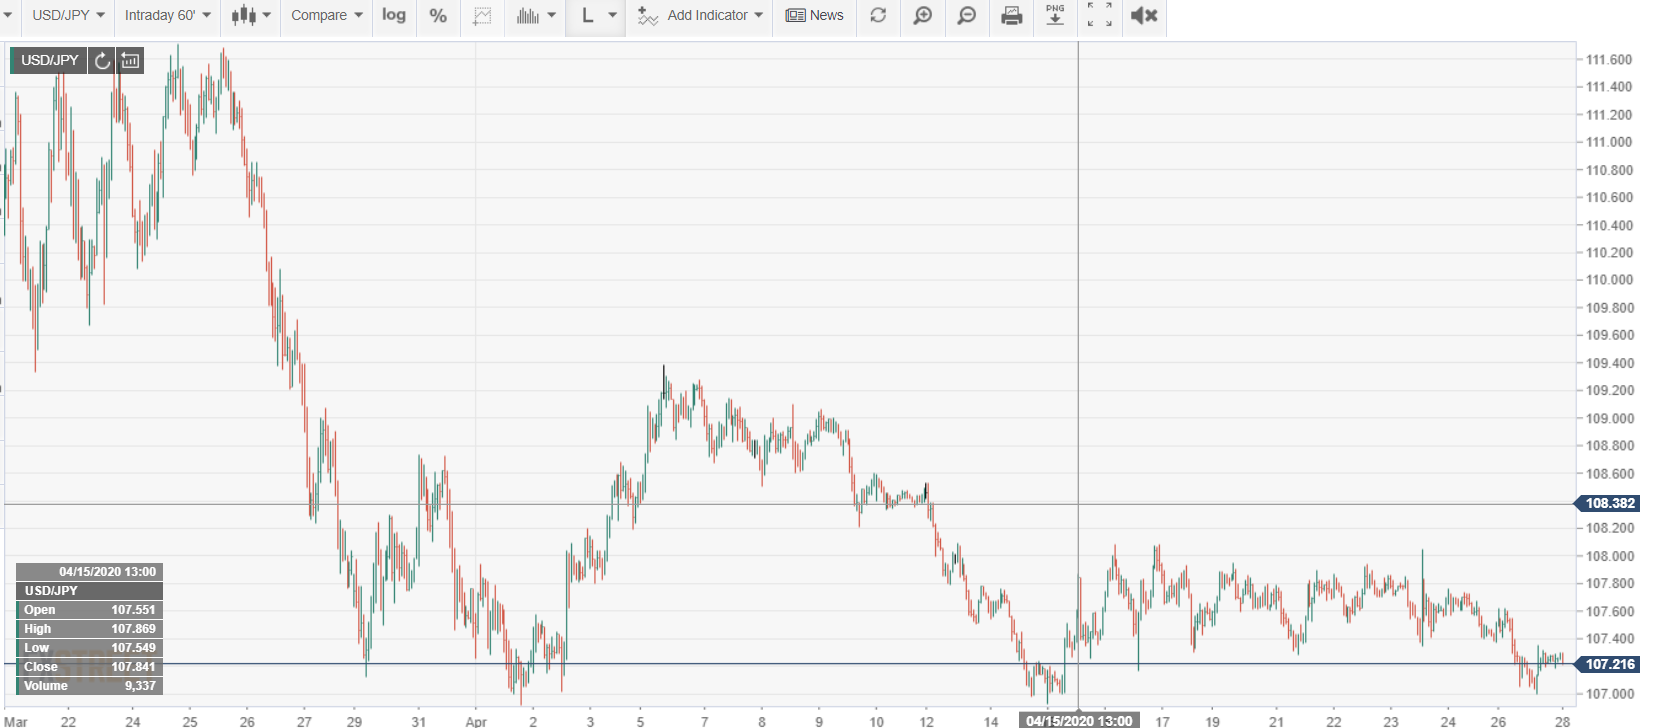 FX Street USDJPY 60 Min Chart - 28 April 2020